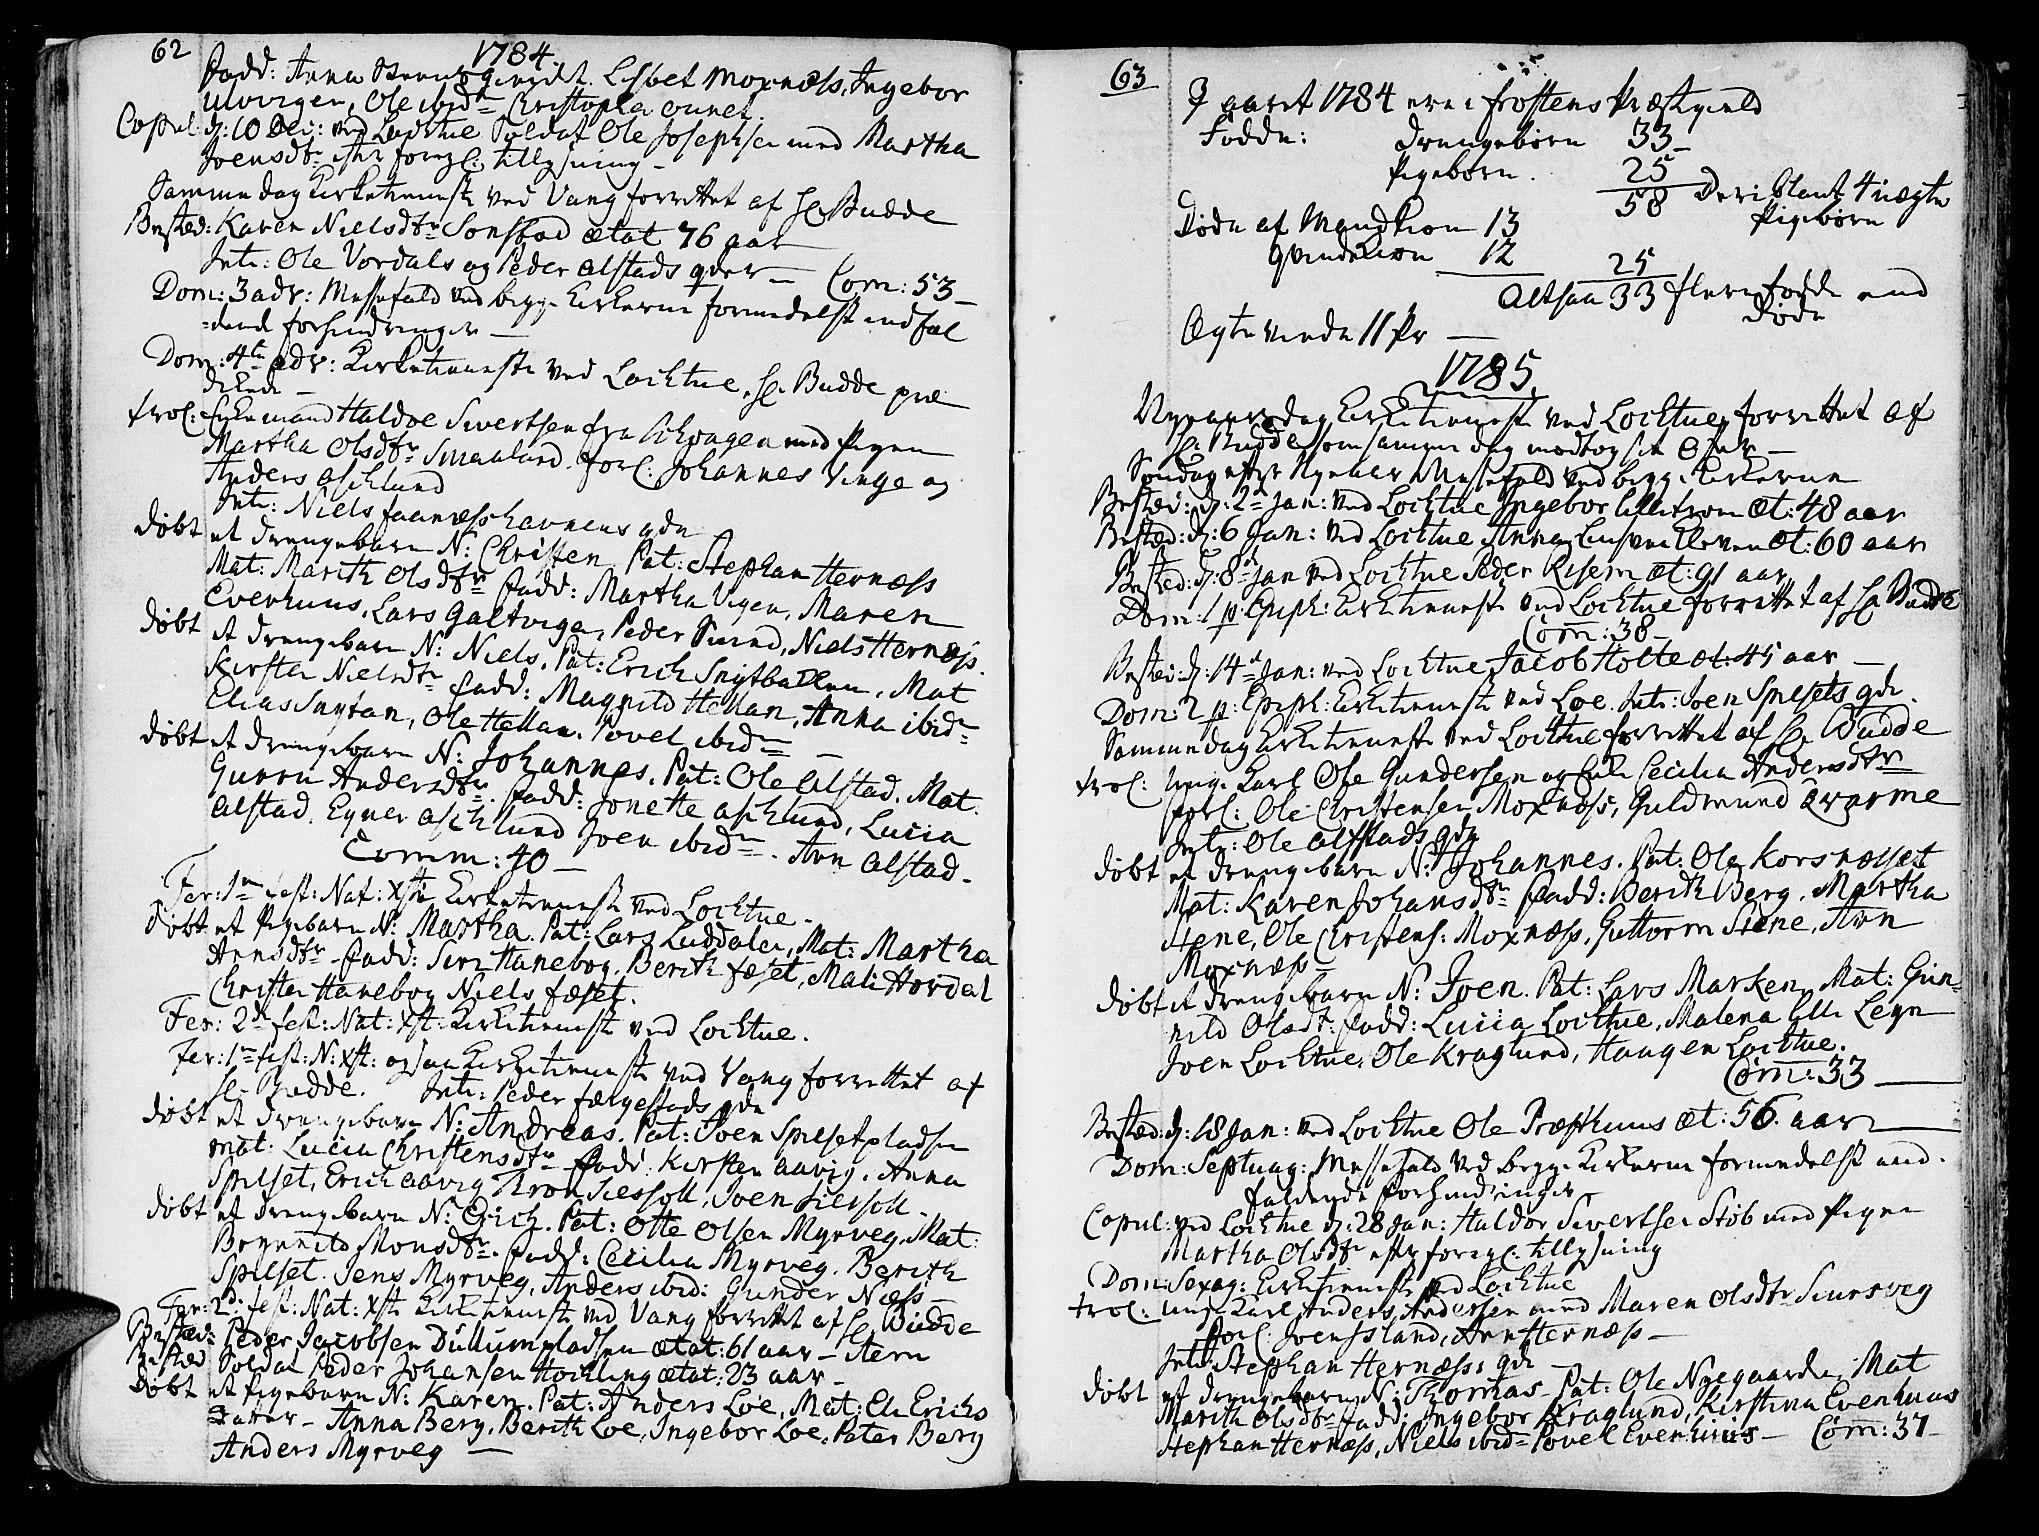 SAT, Ministerialprotokoller, klokkerbøker og fødselsregistre - Nord-Trøndelag, 713/L0110: Ministerialbok nr. 713A02, 1778-1811, s. 62-63